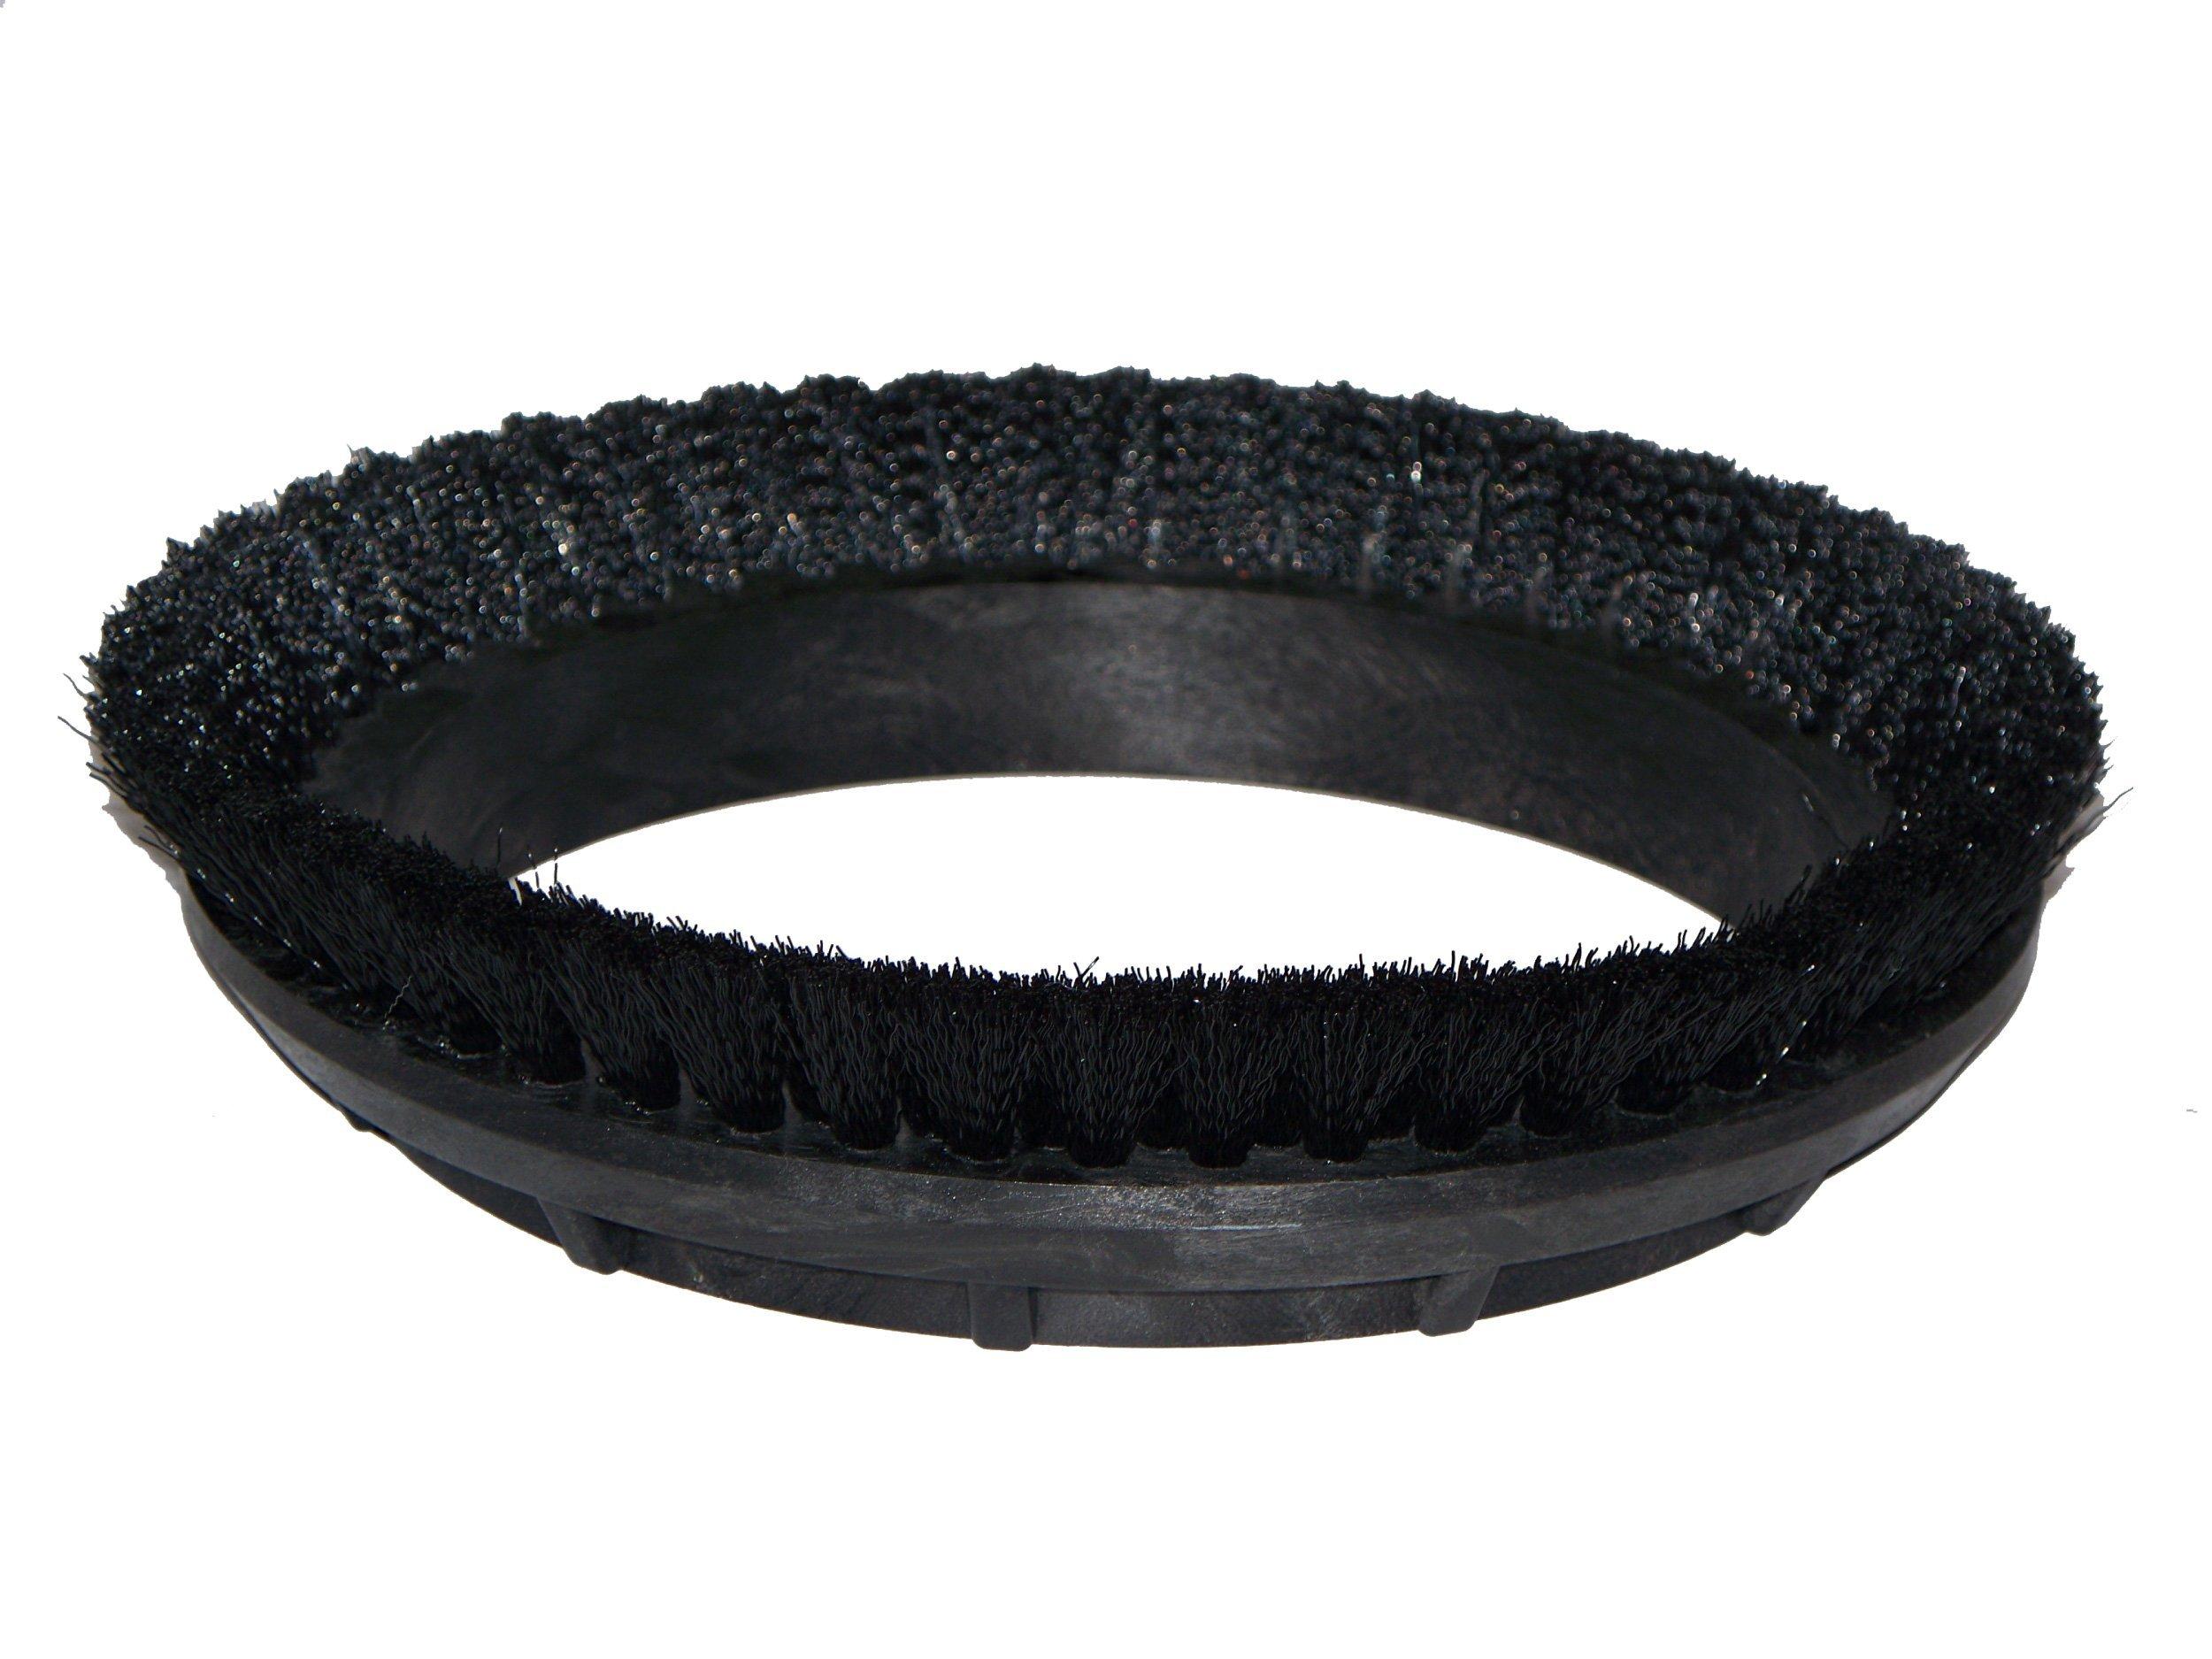 BISSELL BigGreen Commercial 237.049BG Carpet Shampoo Brush, 0.012'' Bristle Diameter, Crimped 6.6 Nylon for BGEM9000 Easy Motion Floor Machine, 12'', Black by Bissell